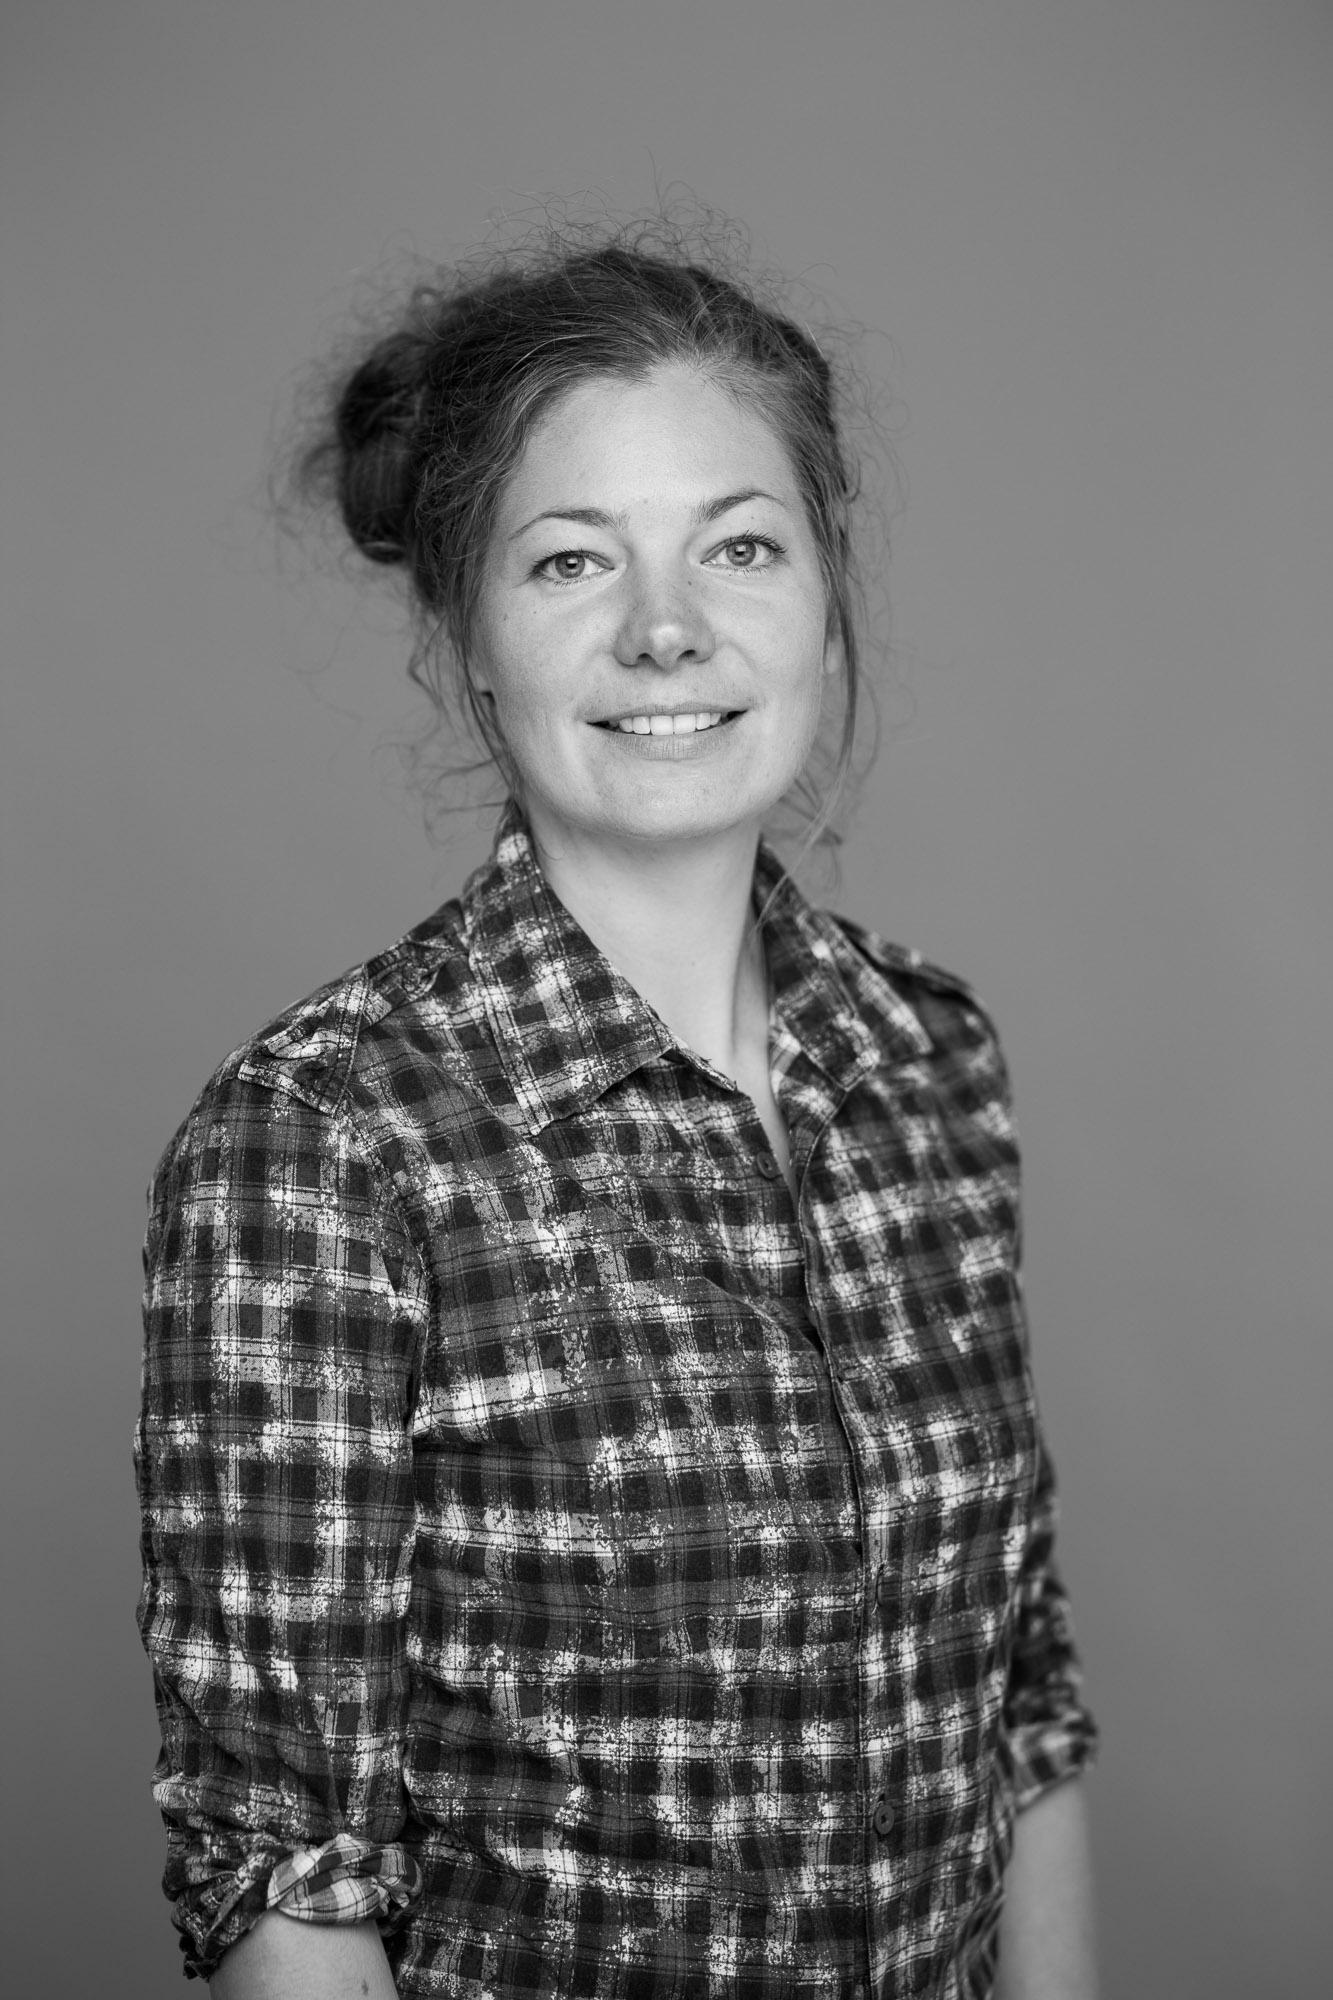 Julie Kirkegaard